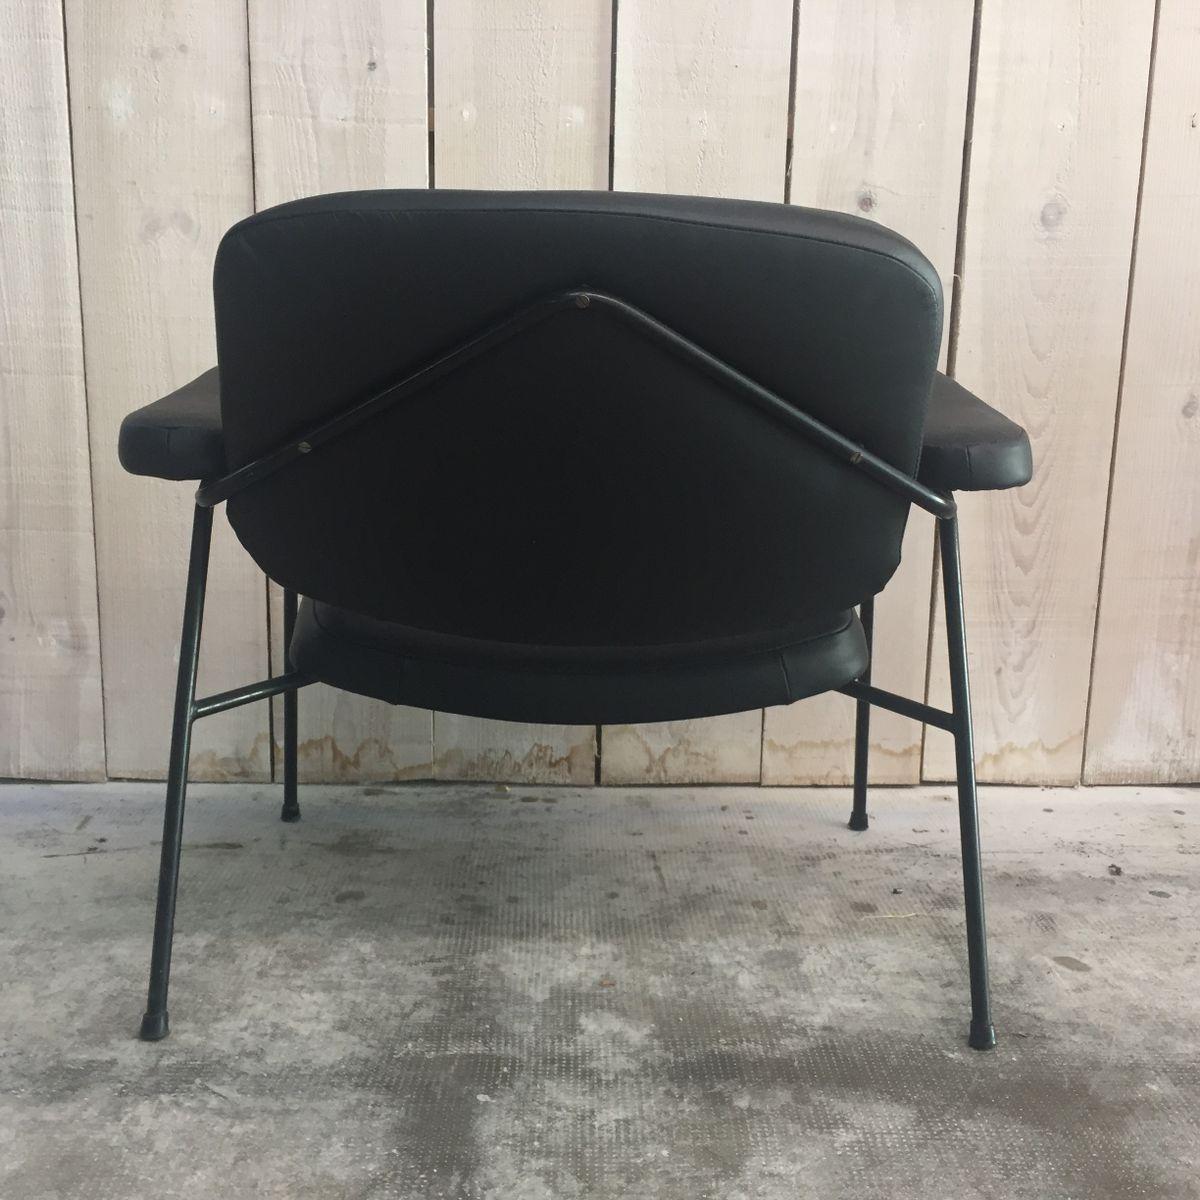 fauteuil cm 190 f par pierre paulin pour thonet 1956 en vente sur pamono. Black Bedroom Furniture Sets. Home Design Ideas